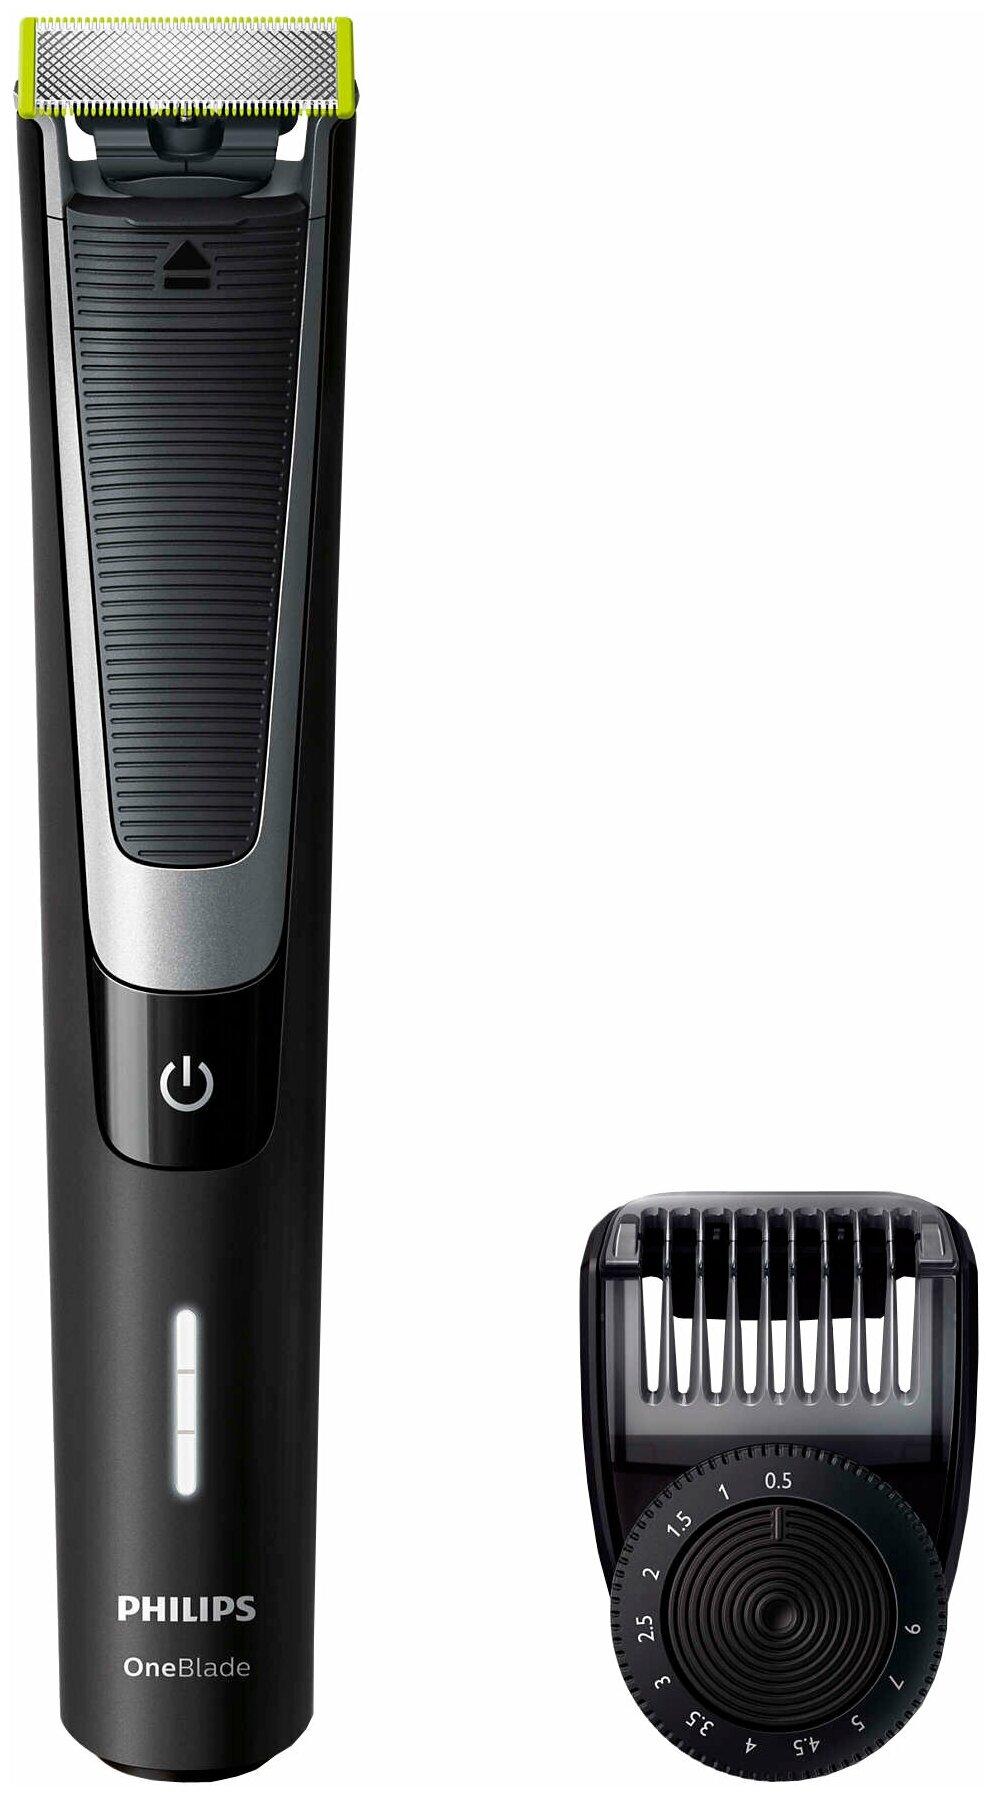 триммер Oneblade Pro Qp6510 20 купить